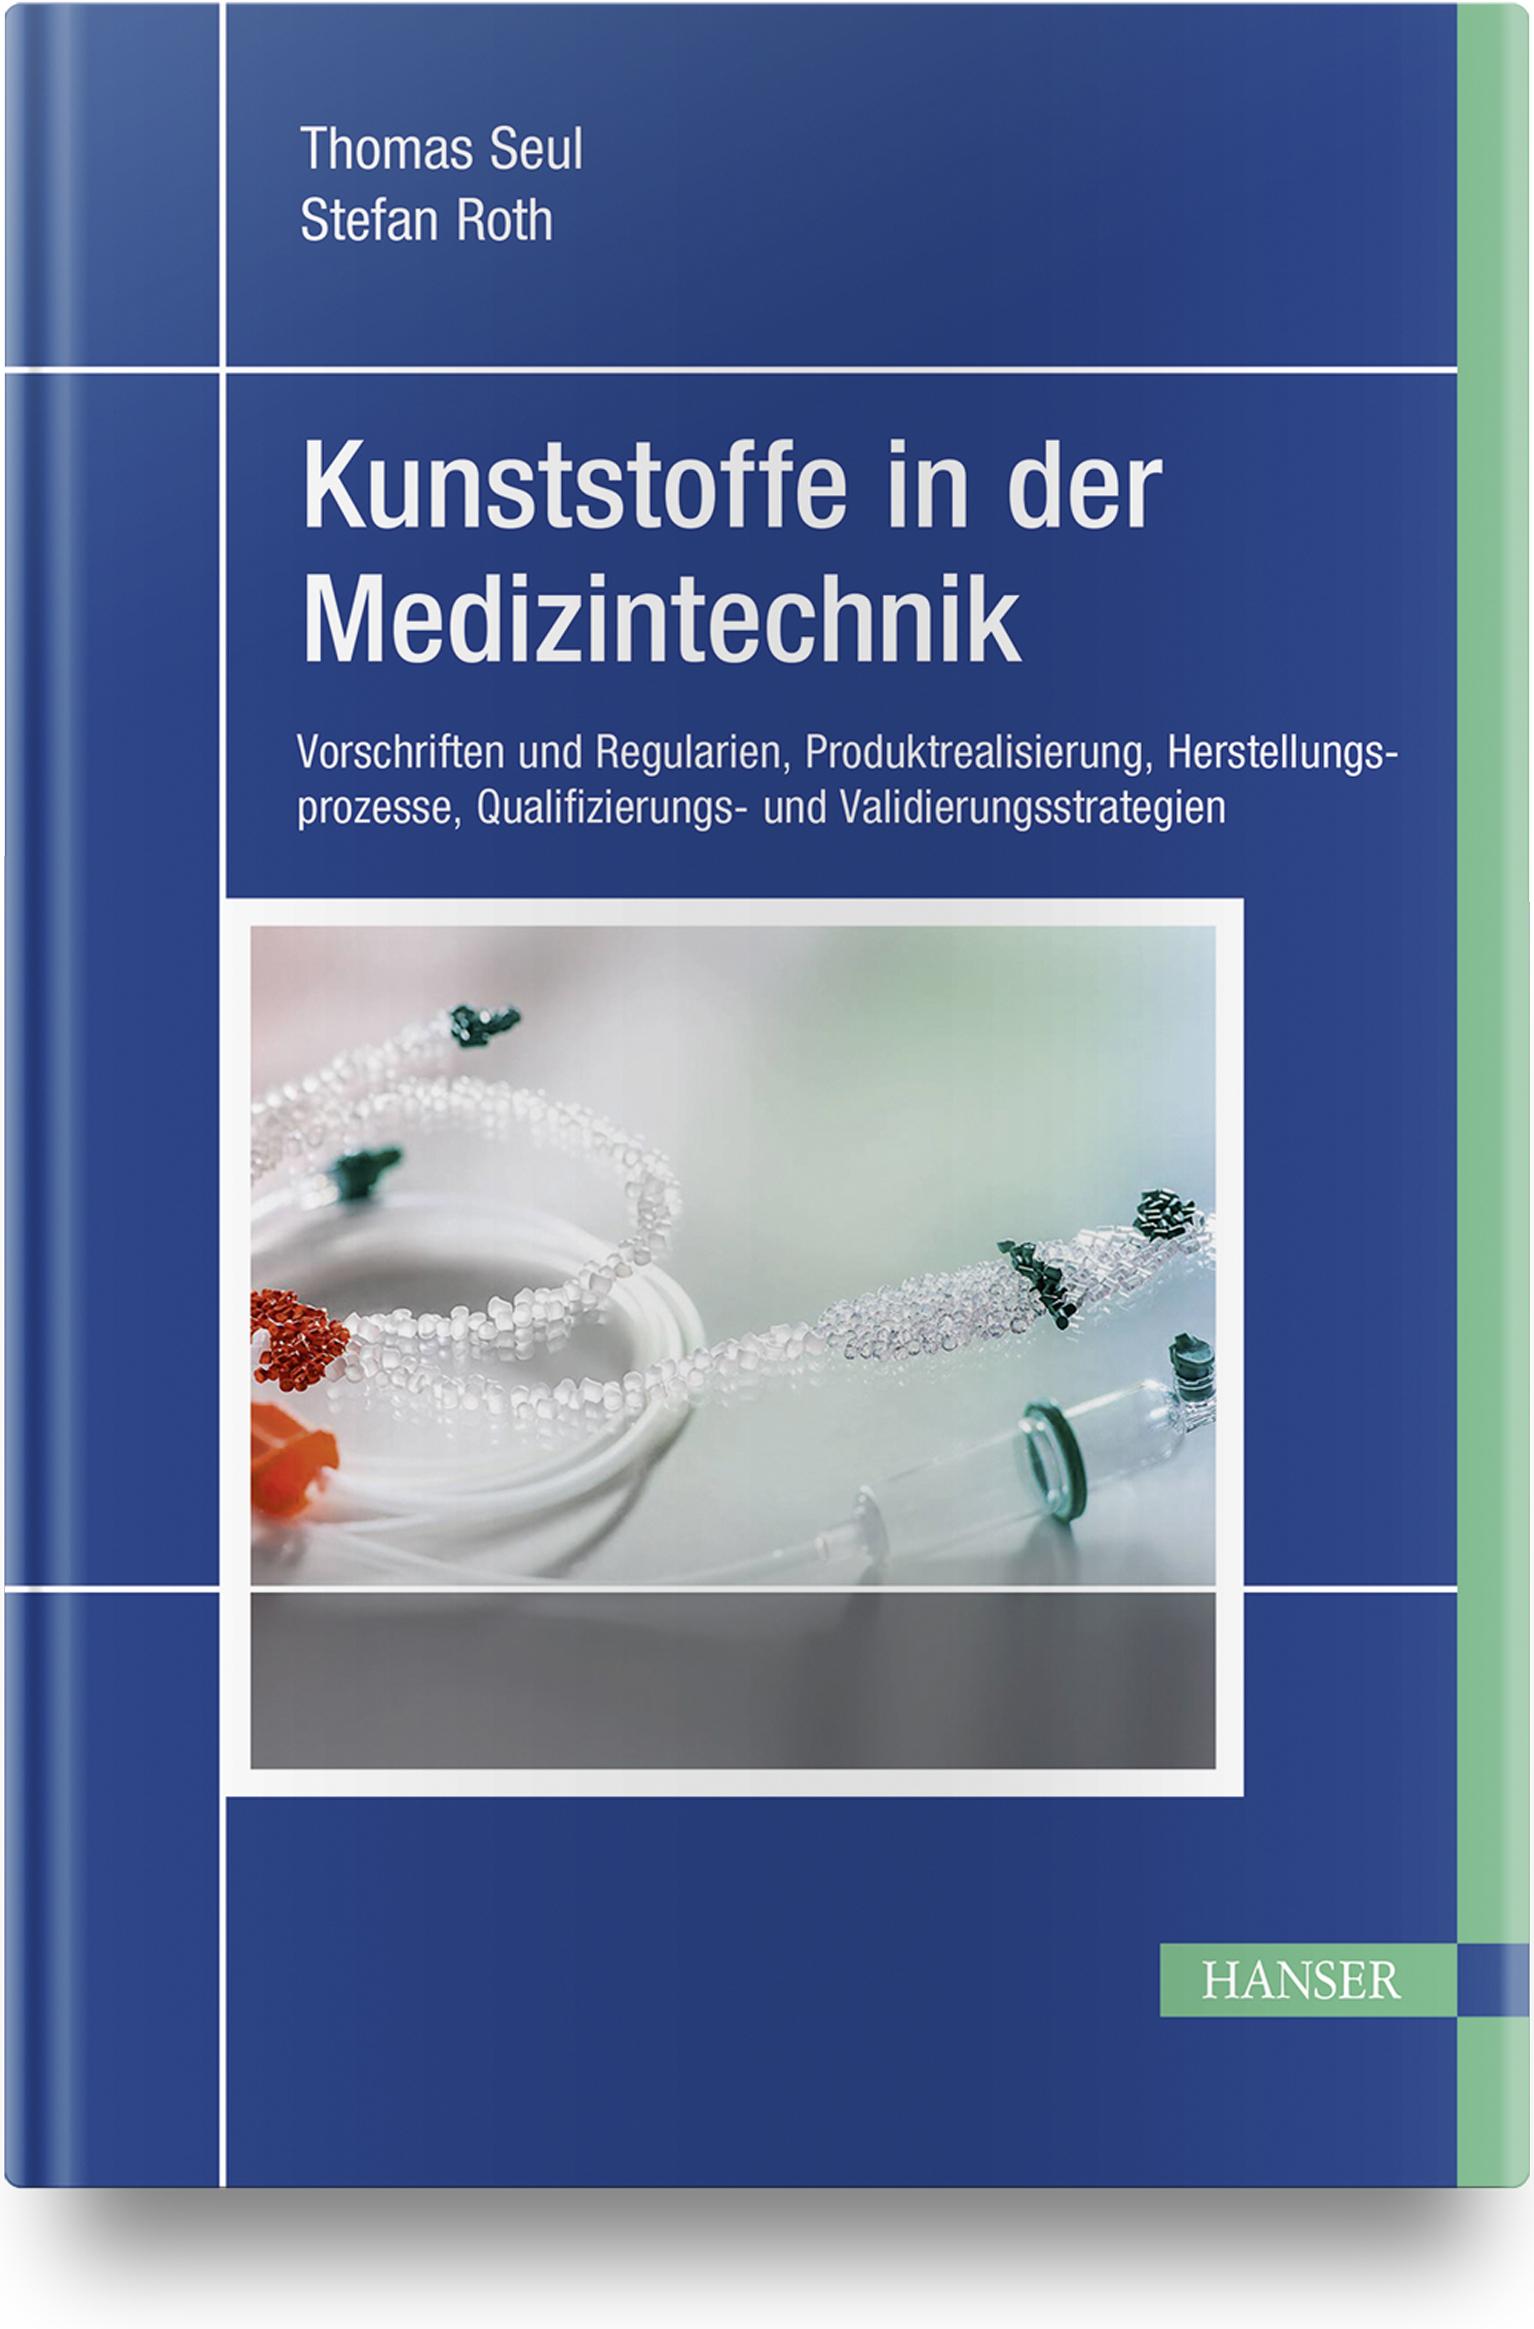 Seul, Roth, Kunststoffe in der Medizintechnik, 978-3-446-44963-3